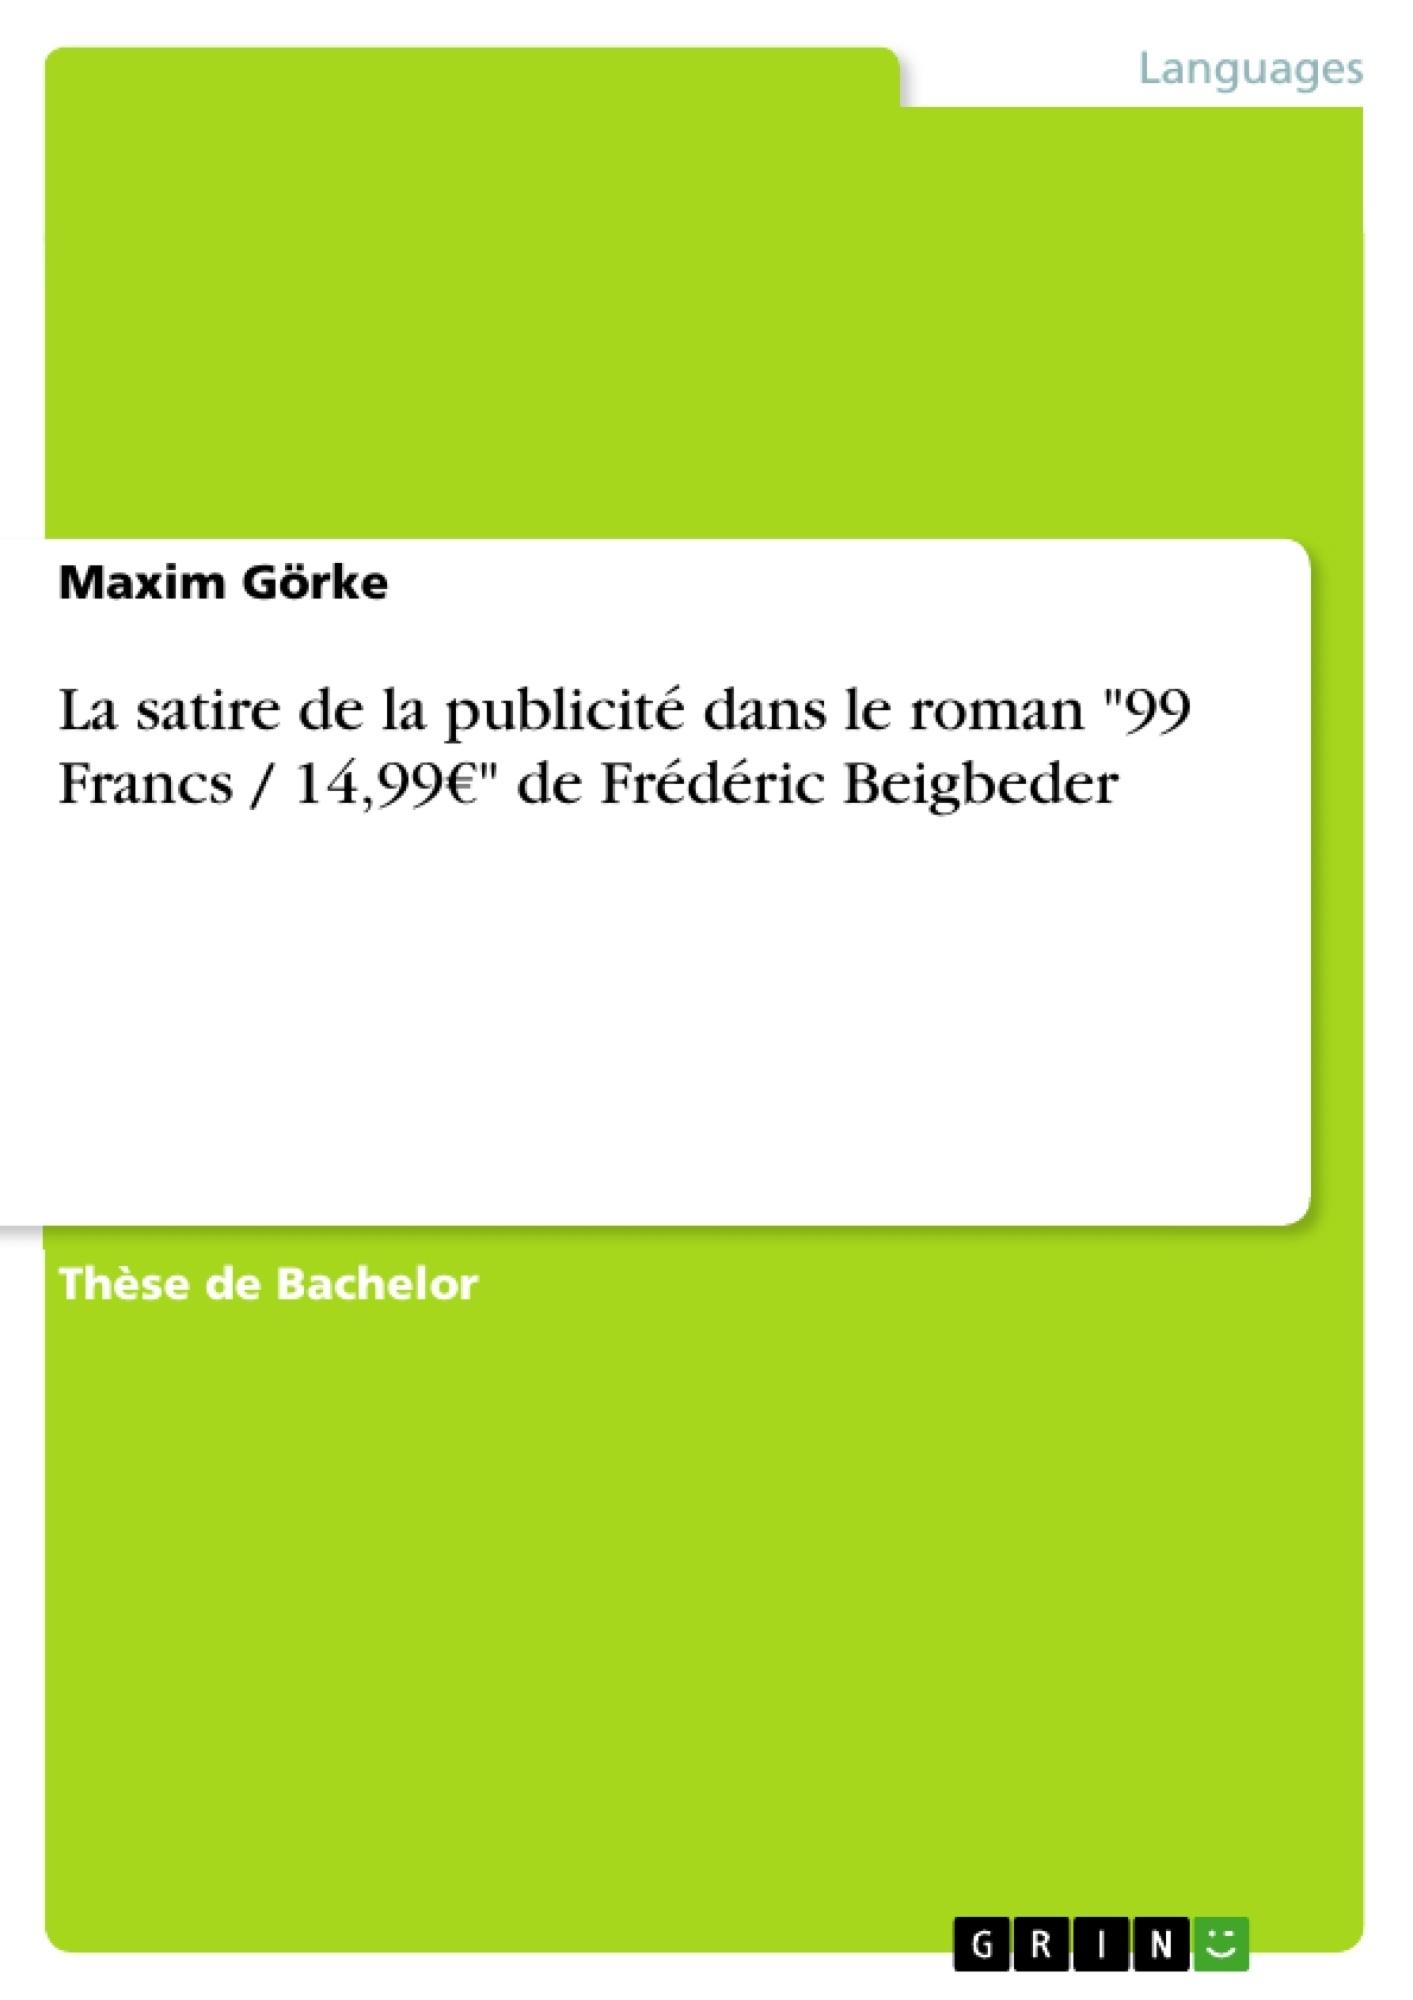 """Titre: La satire de la publicité dans le roman """"99 Francs / 14,99€"""" de Frédéric Beigbeder"""